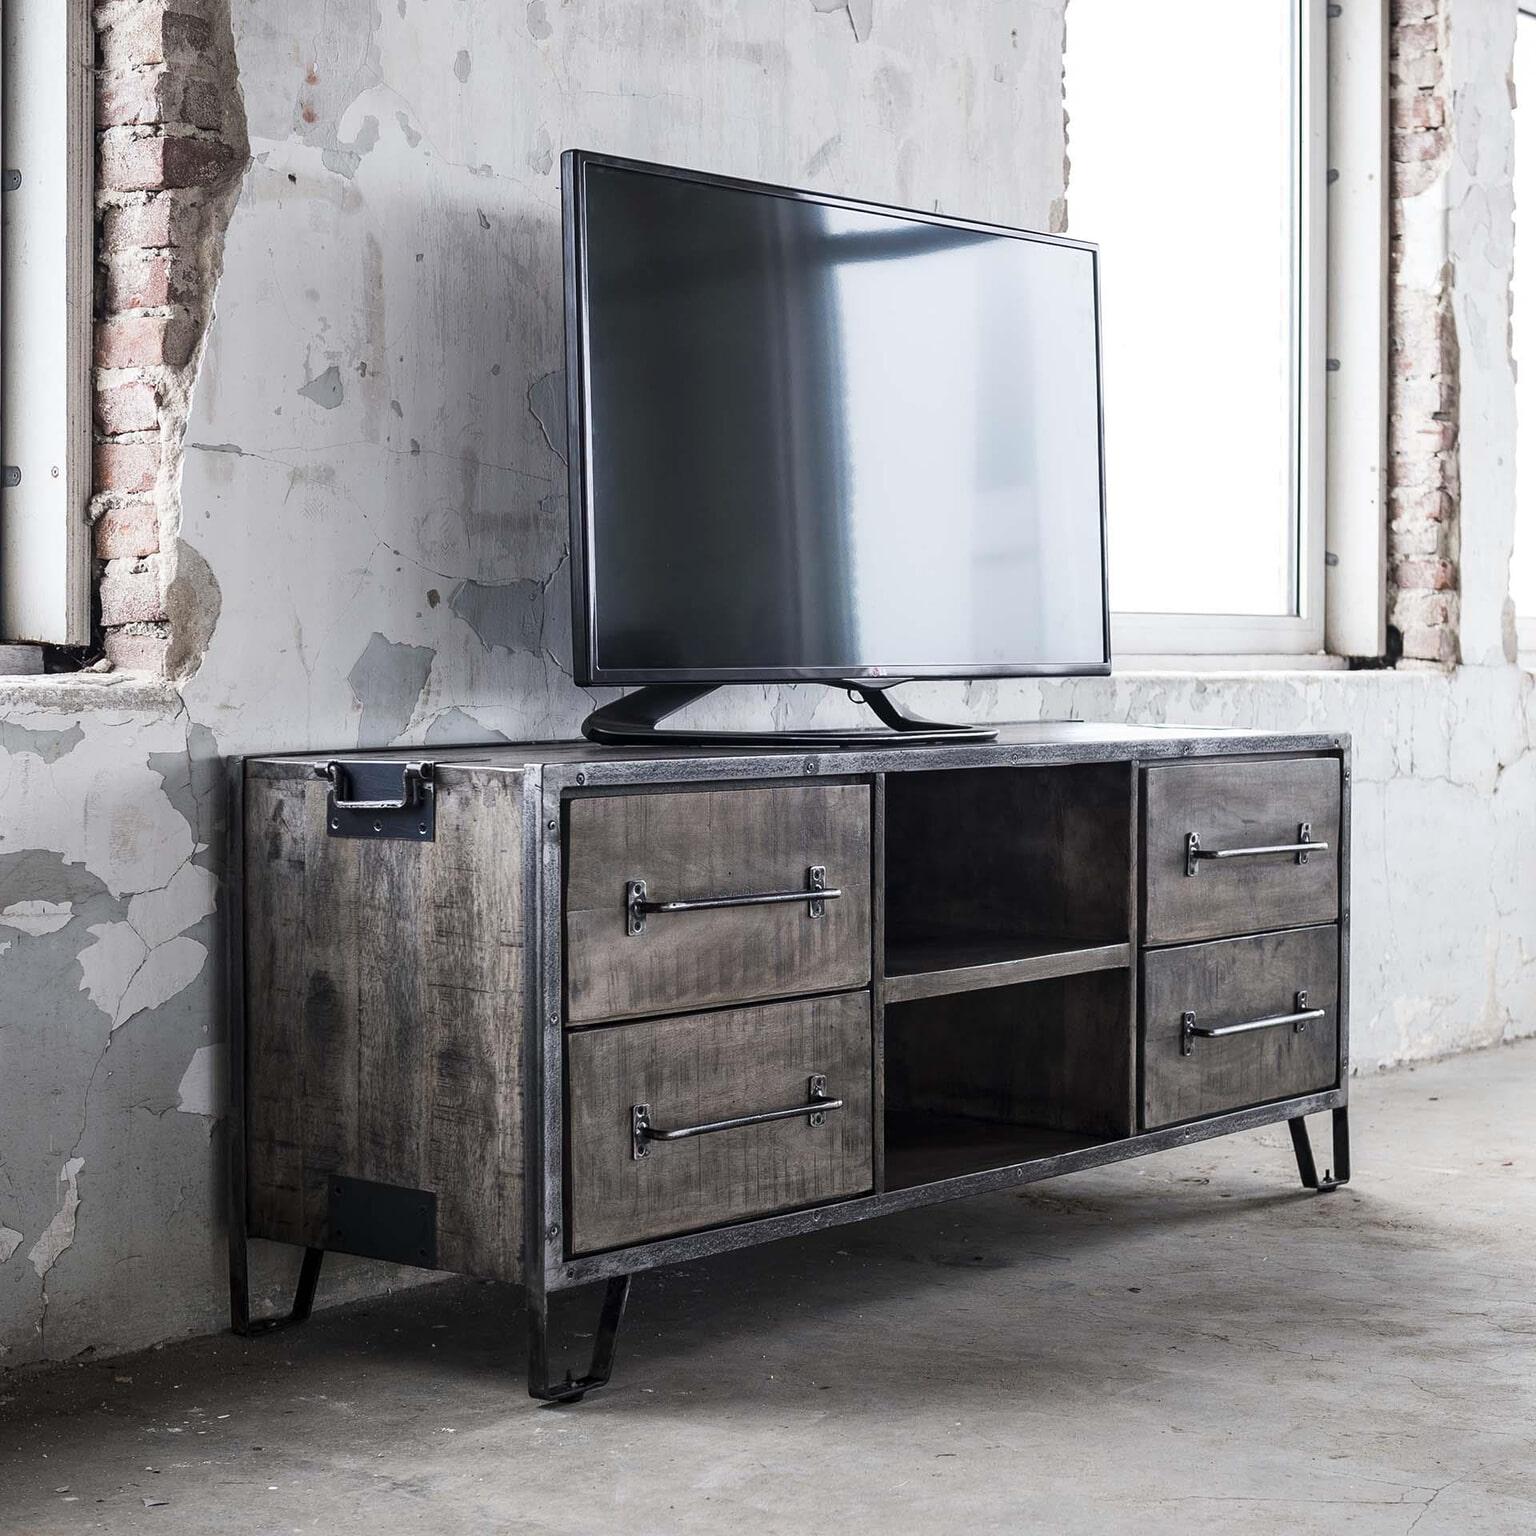 Tv Meubel 150 Cm.Tv Meubel Rift 150cm Met 4 Laden Meubelpartner